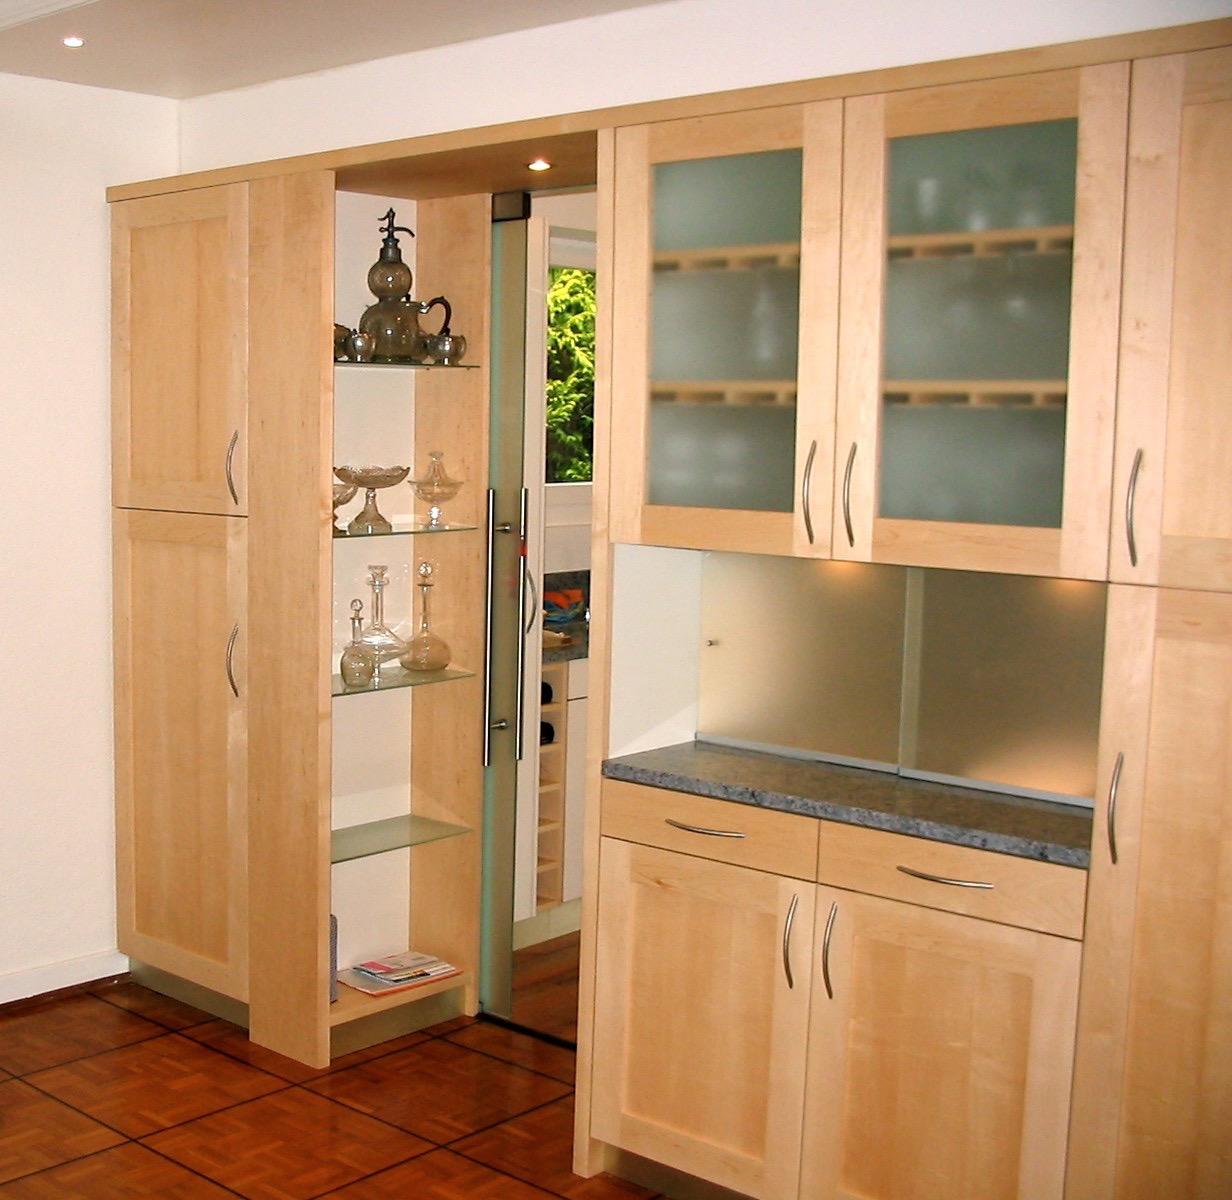 agencement de cuisine personnalis agencement trunz. Black Bedroom Furniture Sets. Home Design Ideas